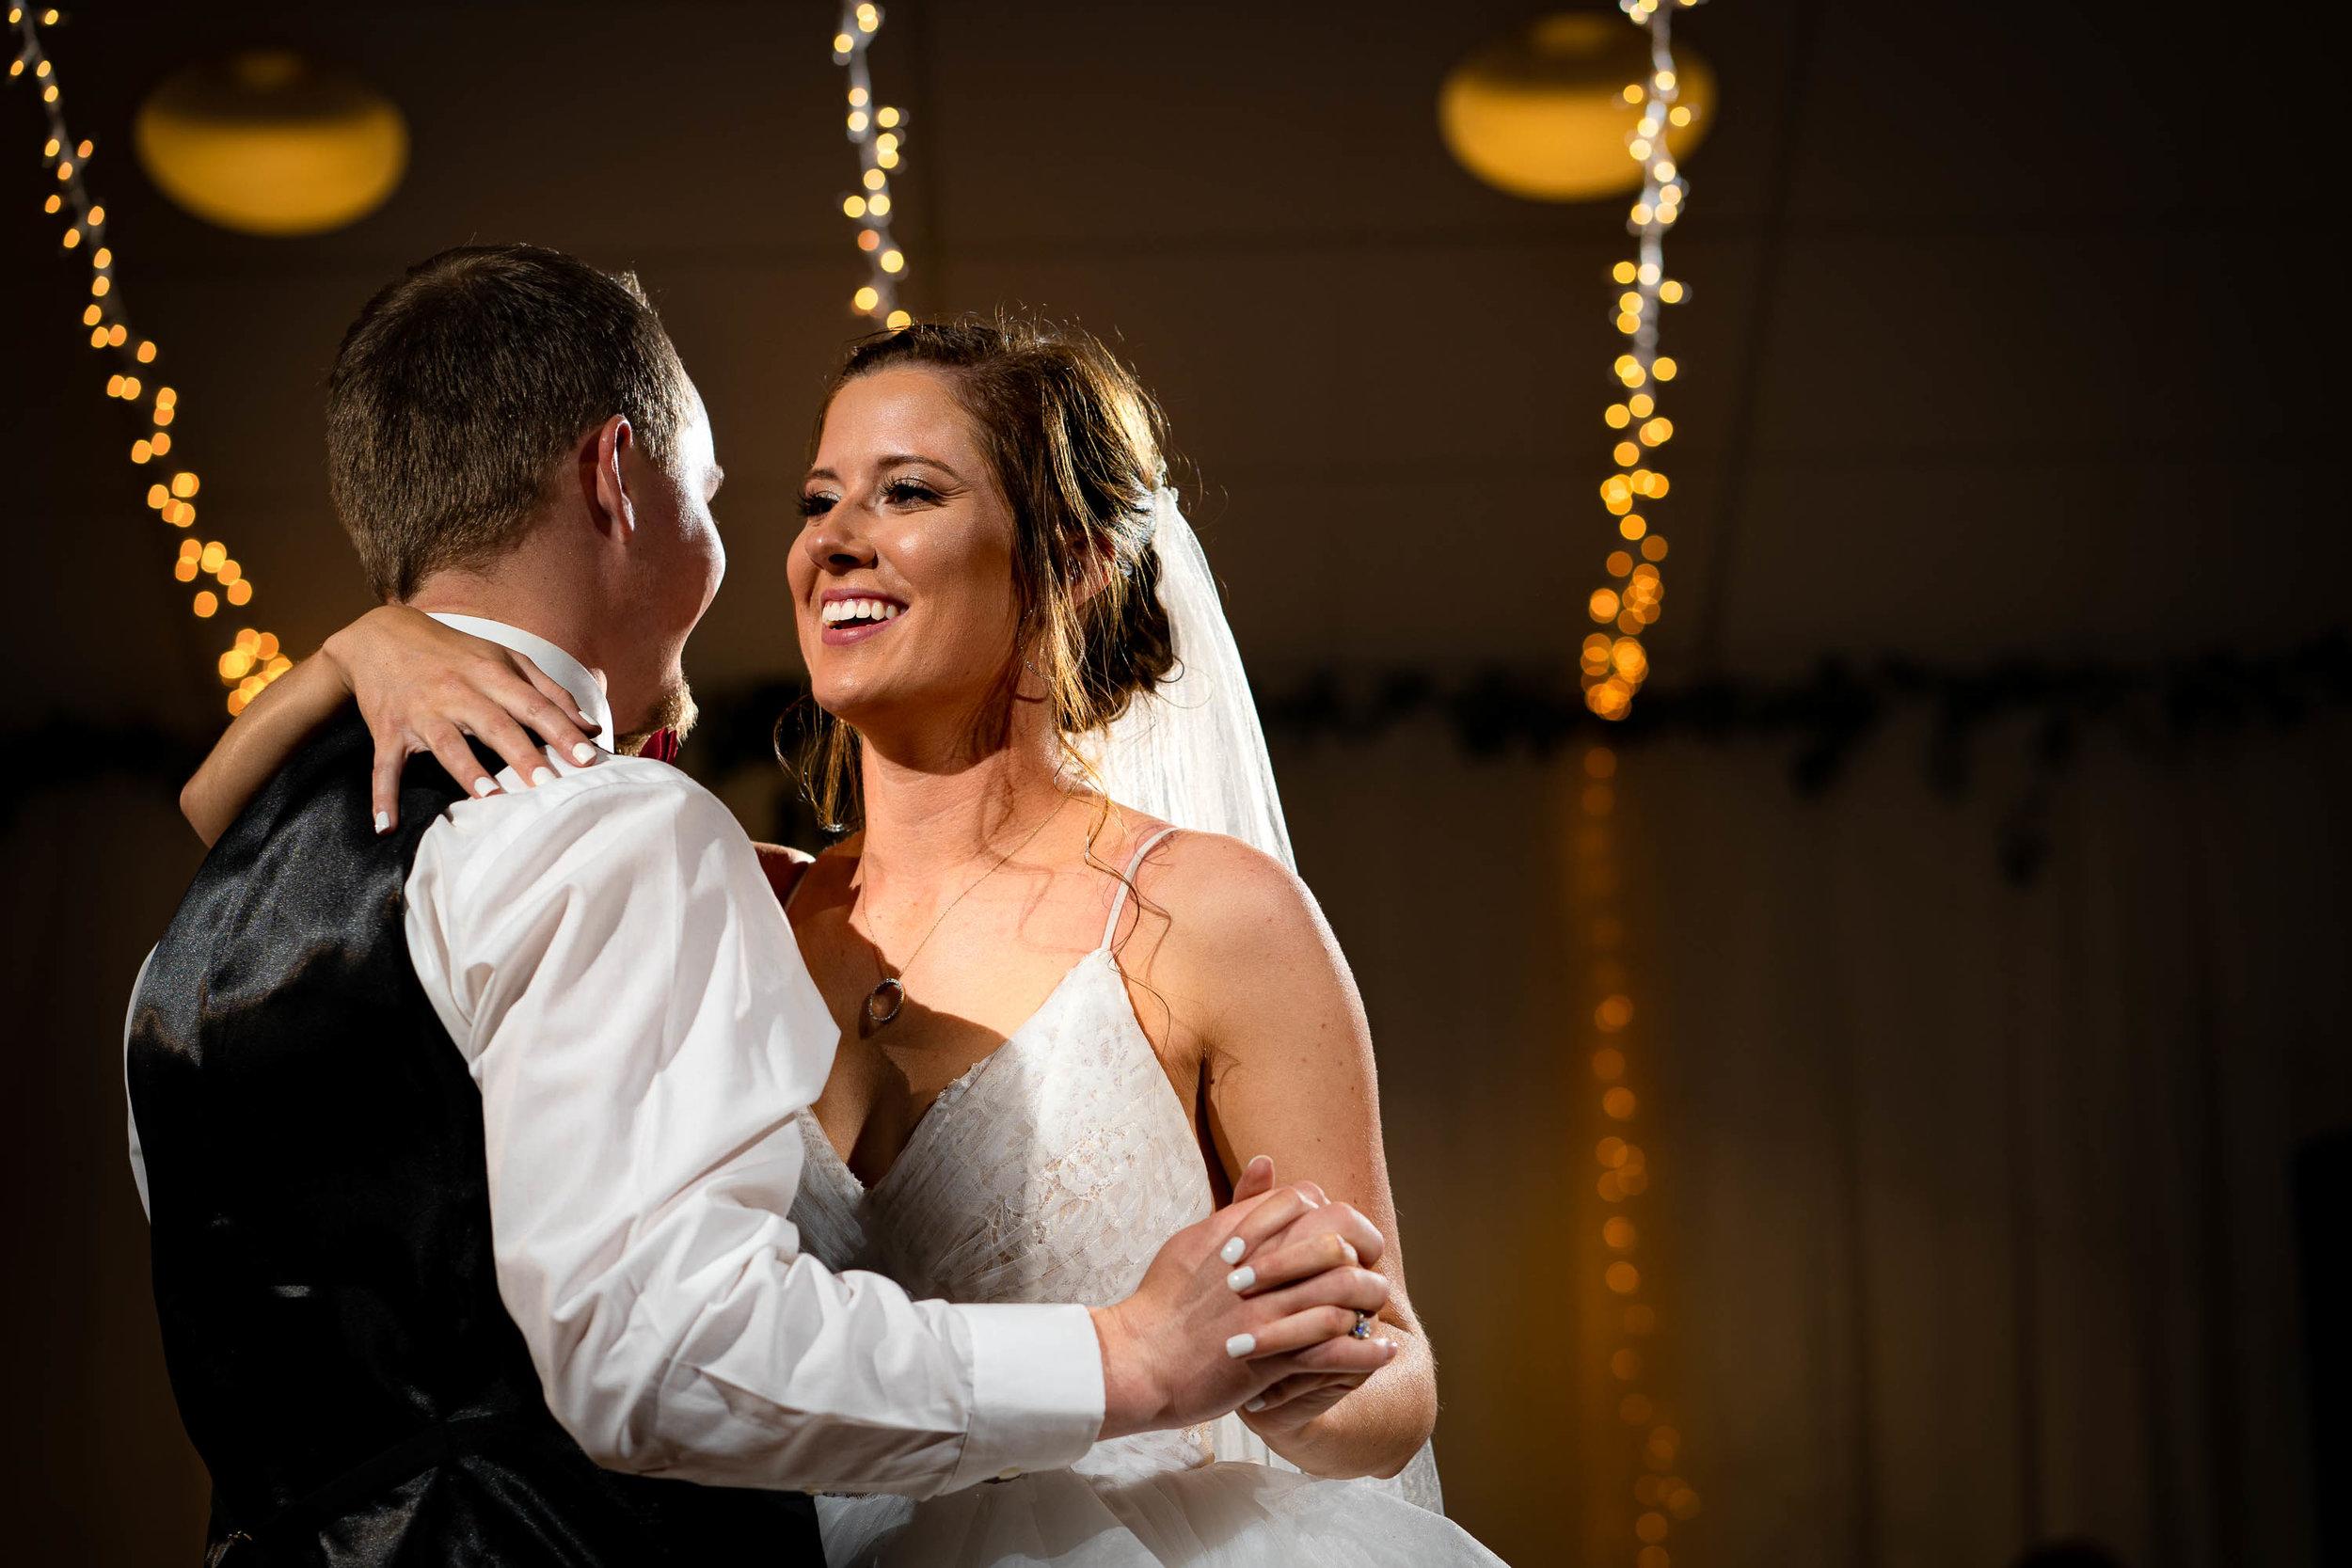 Kelsie_Nick_Ouray_Wedding-205.jpg